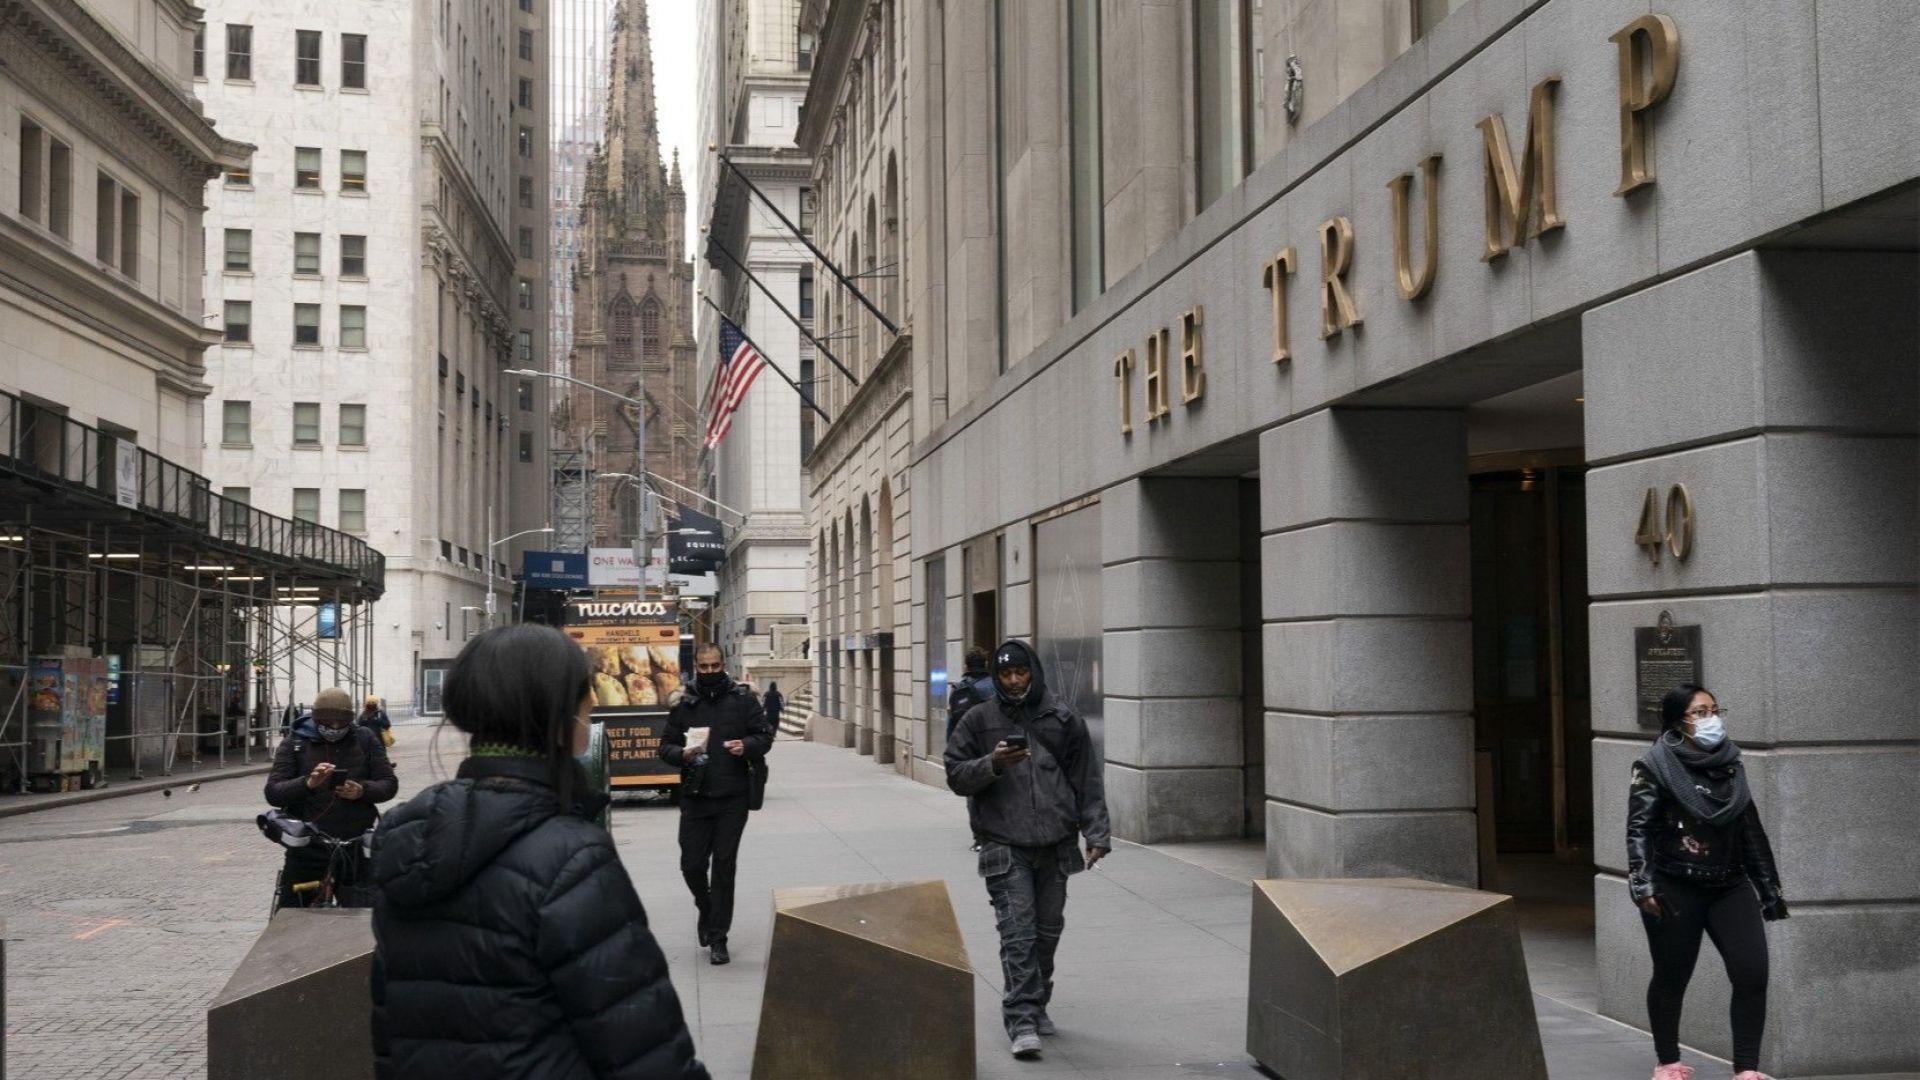 След компании и банки и Ню Йорк скъса с Тръмп: Какво се случва в делова Америка